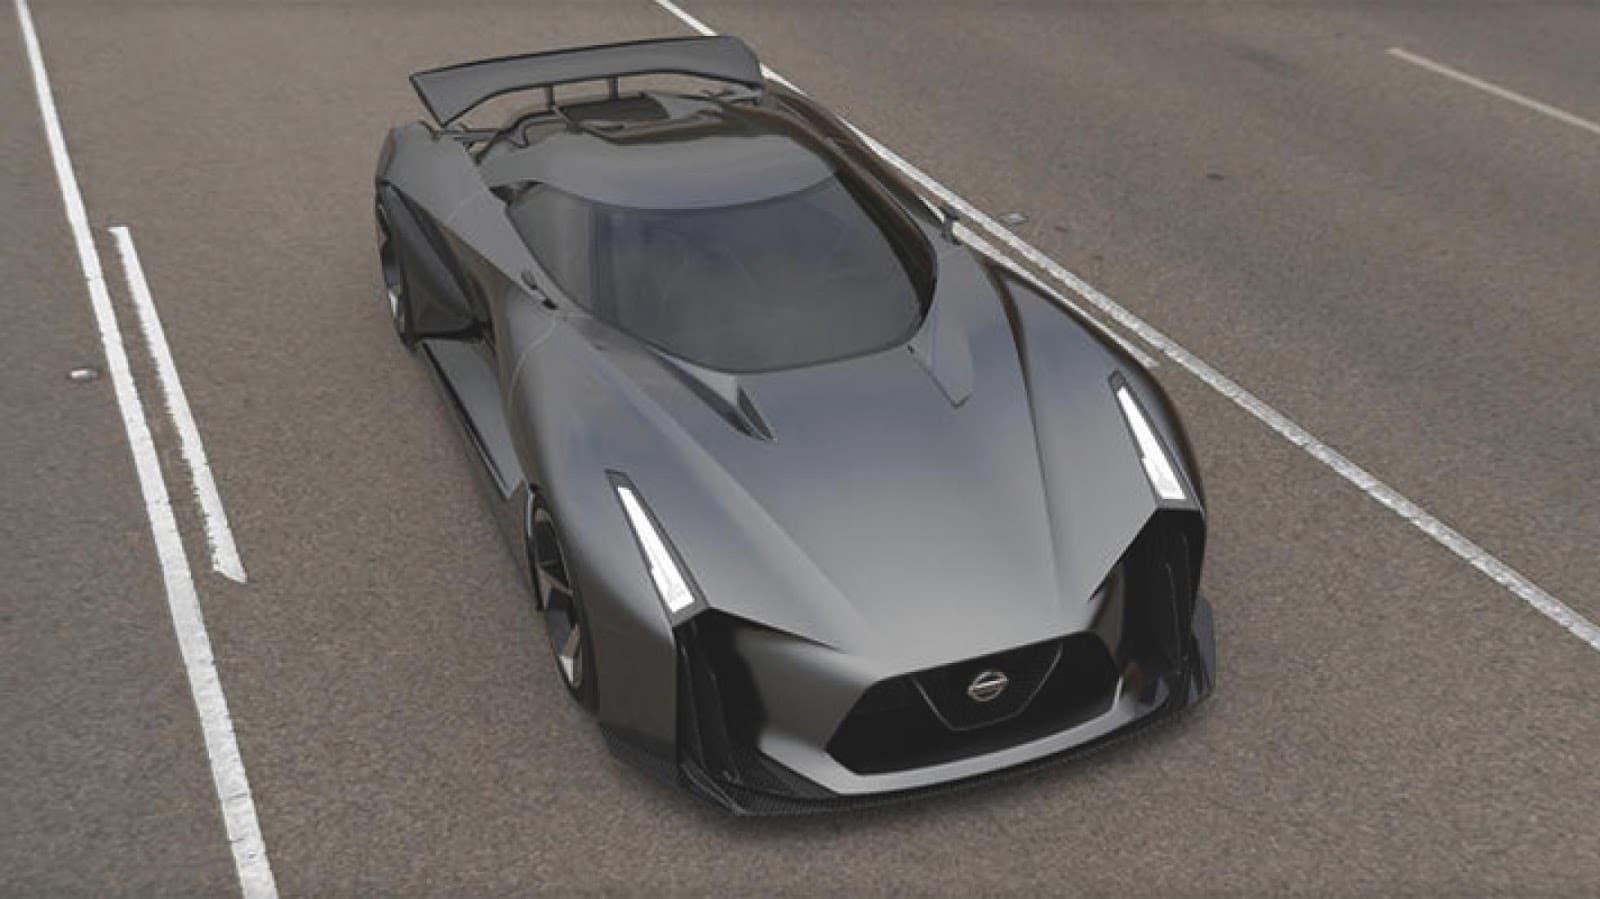 godgilla Το επόμενο GT-R θέλει να σπάσει όλα τα ρεκόρ του Nurburgring Nissan, Nissan GT-R, Nurburgring, zblog